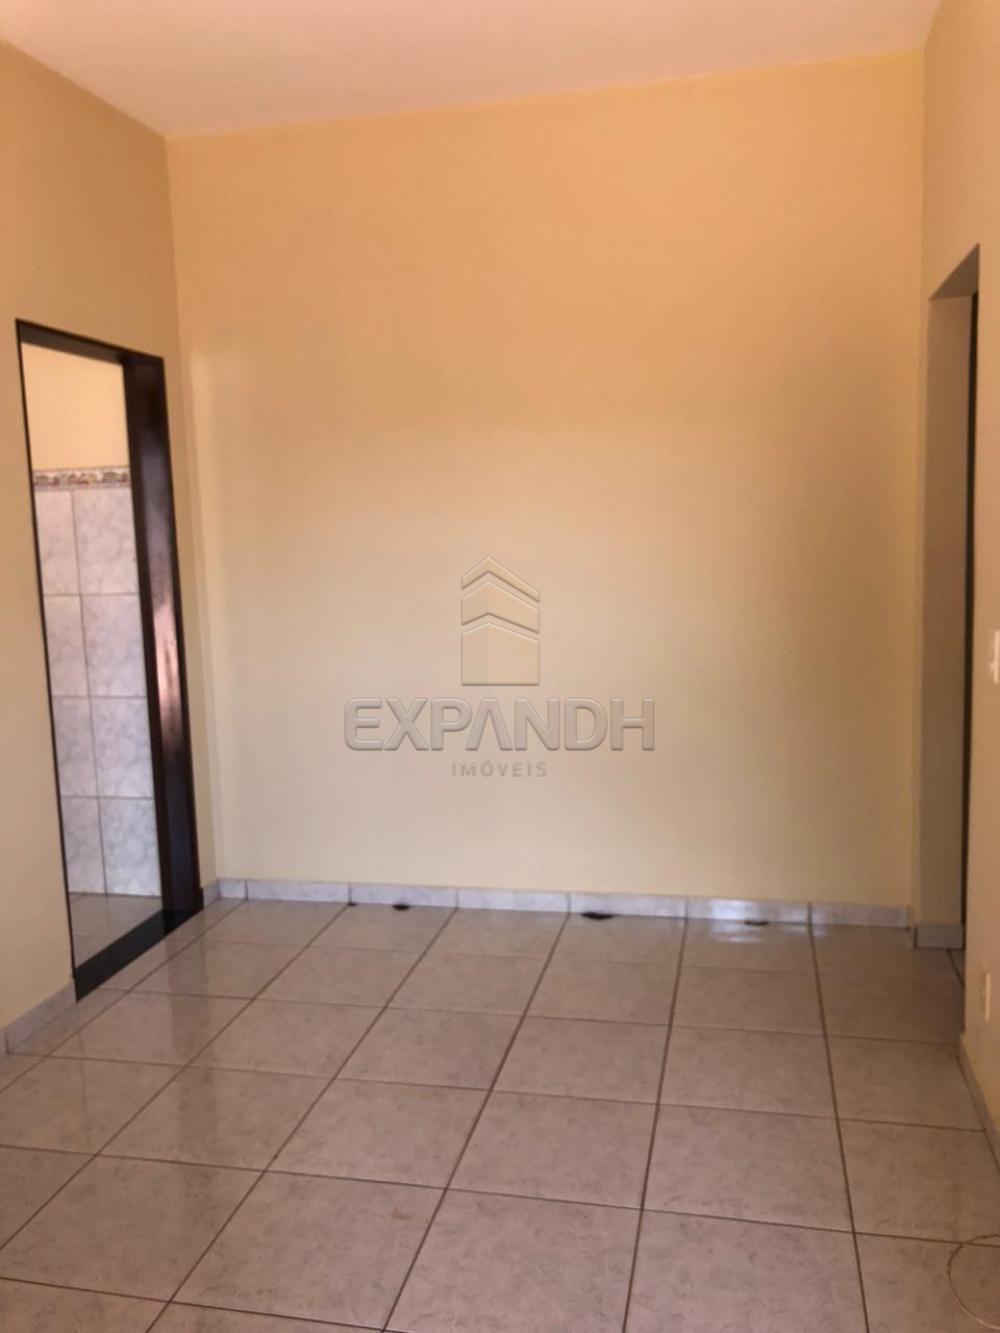 Alugar Casas / Padrão em Sertãozinho R$ 700,00 - Foto 6